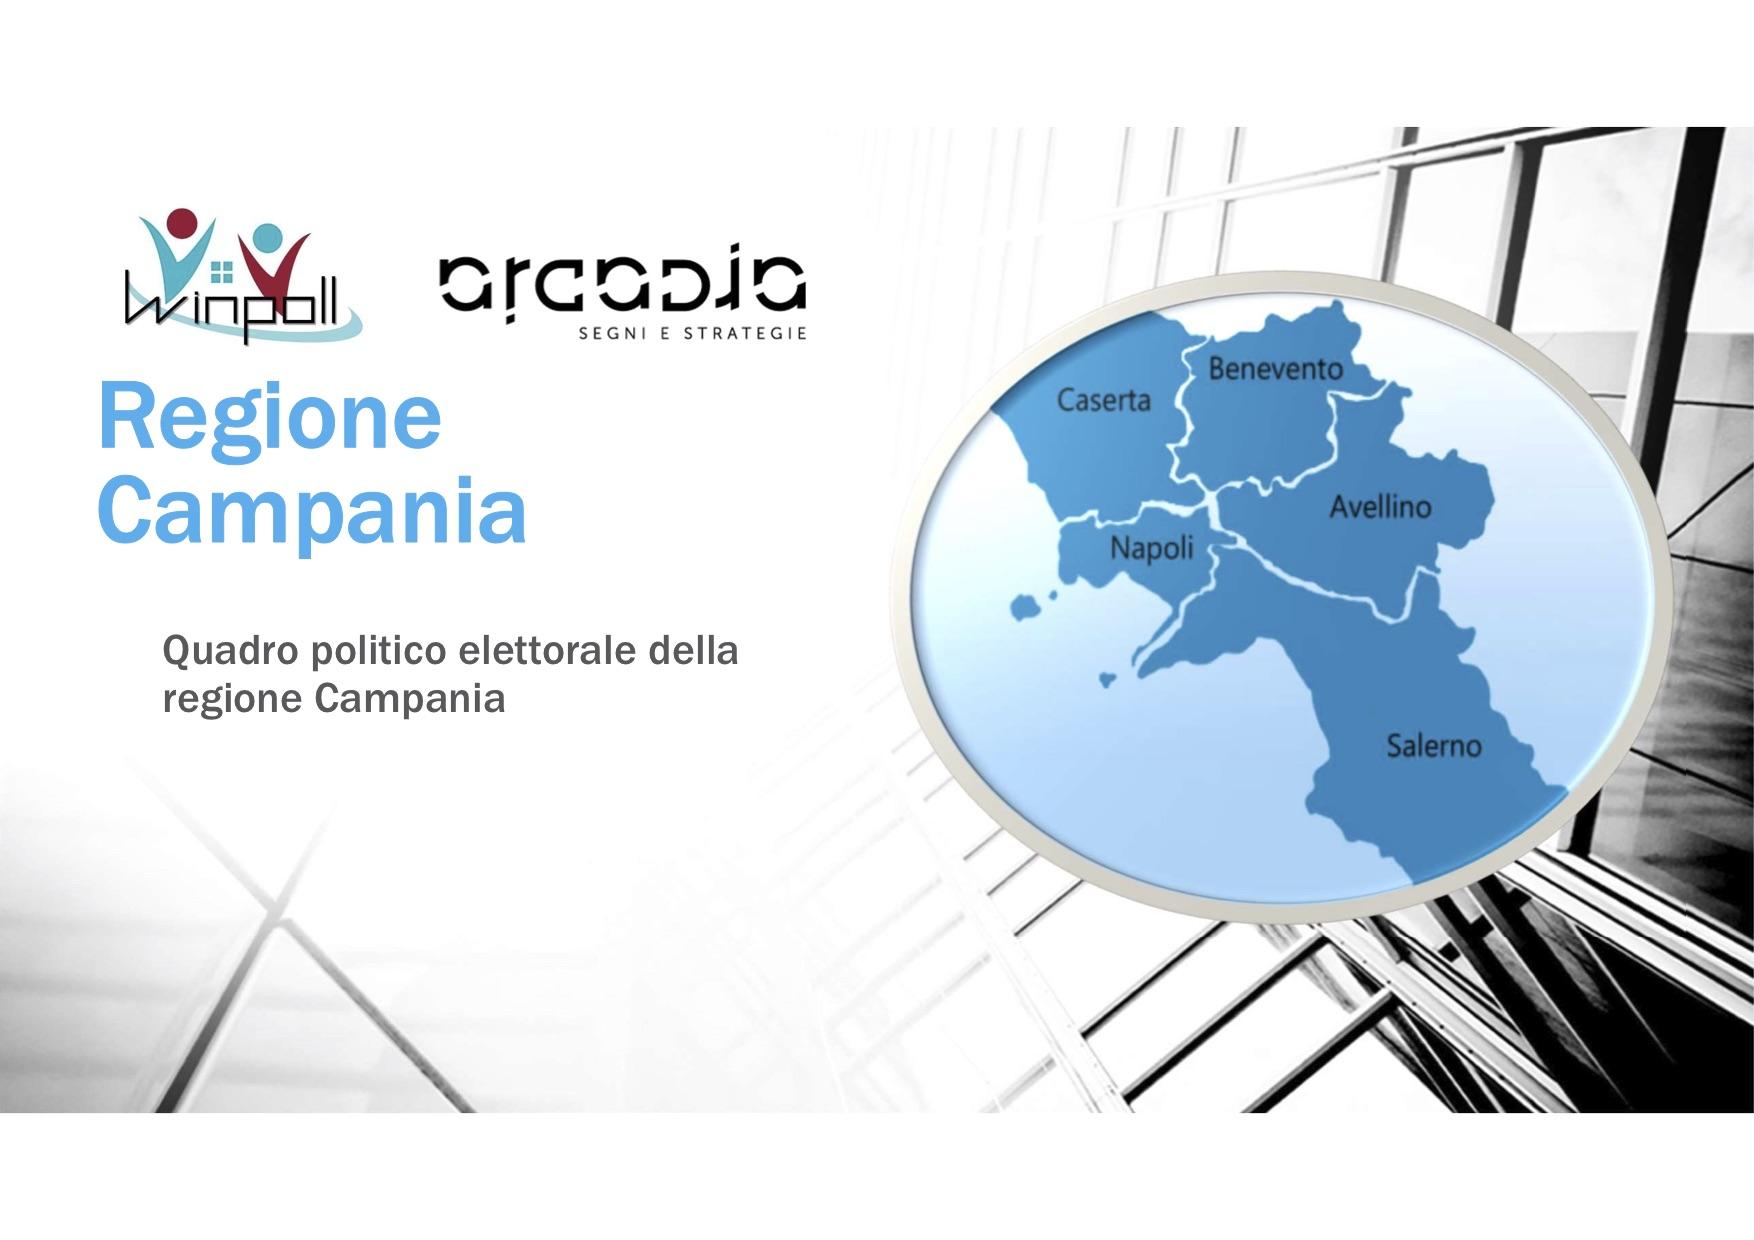 Sondaggio Winpoll Arcadia 27 settembre 2019